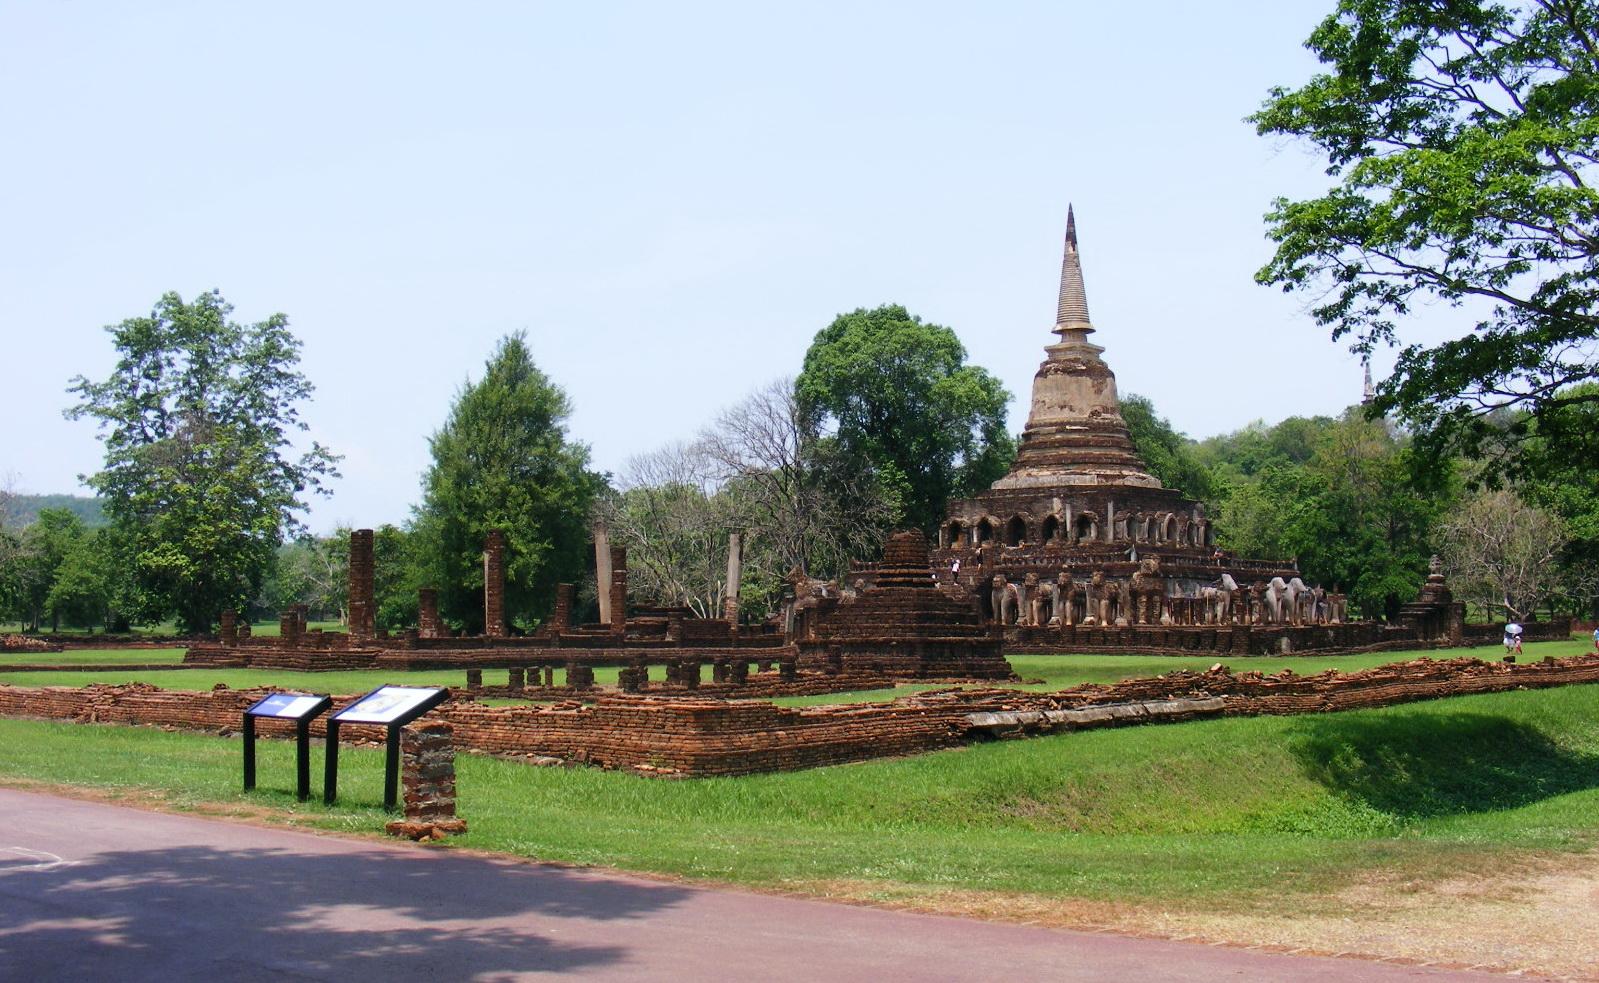 Wat_Cang_Lom-Si_Satchanalai_historical_park